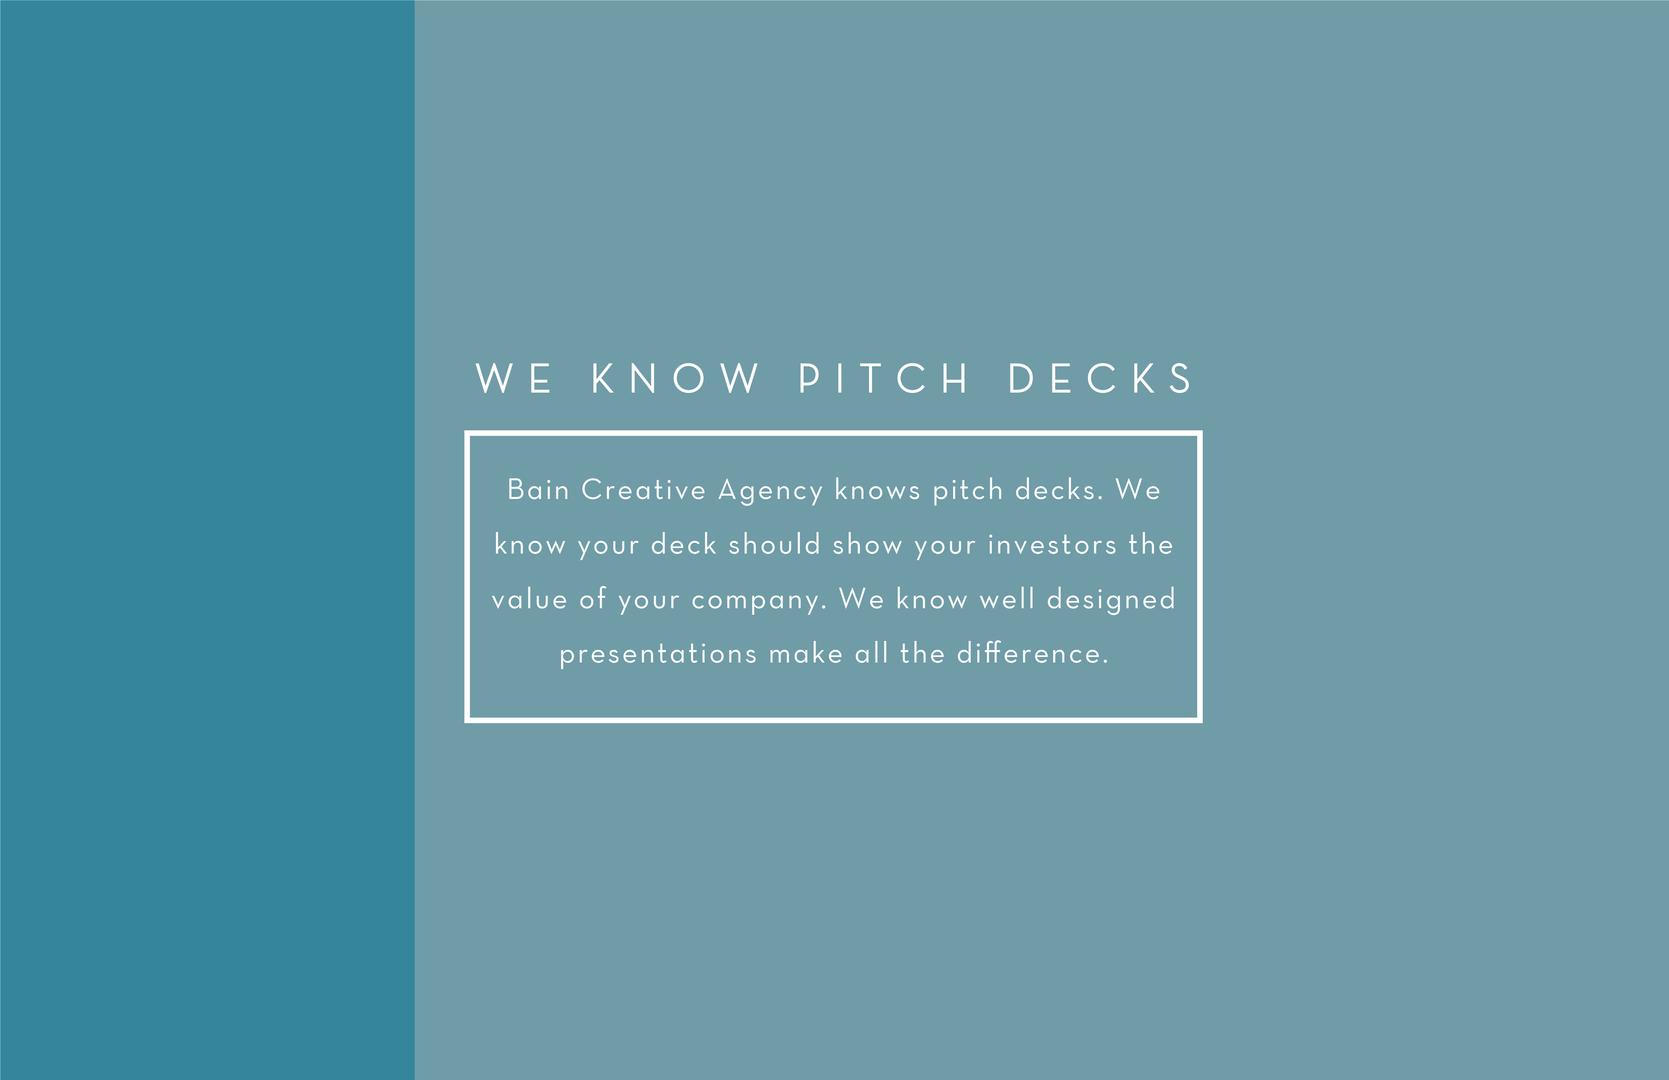 We Know Pitch Decks